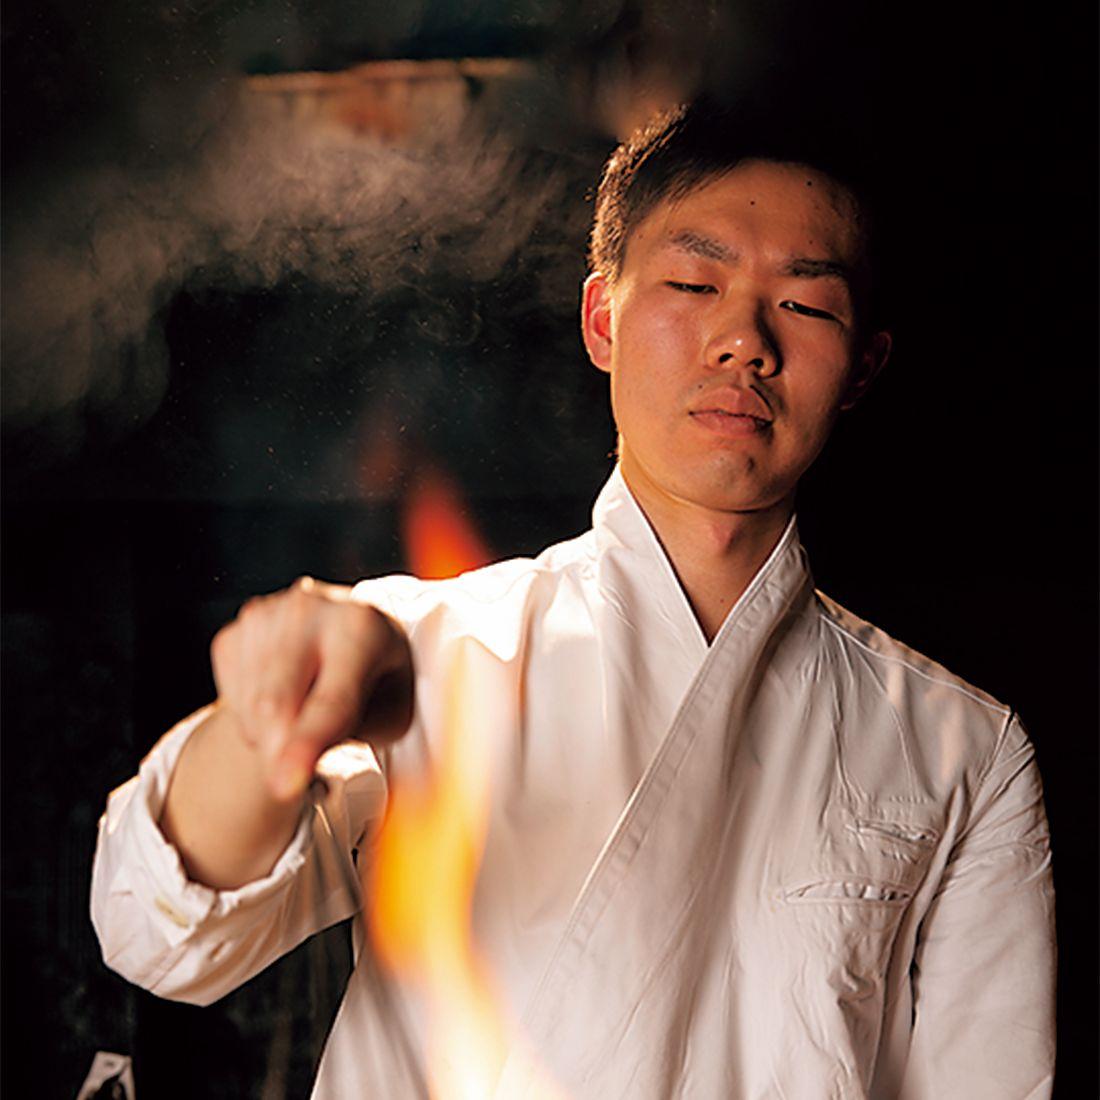 神谷徳顕さん。